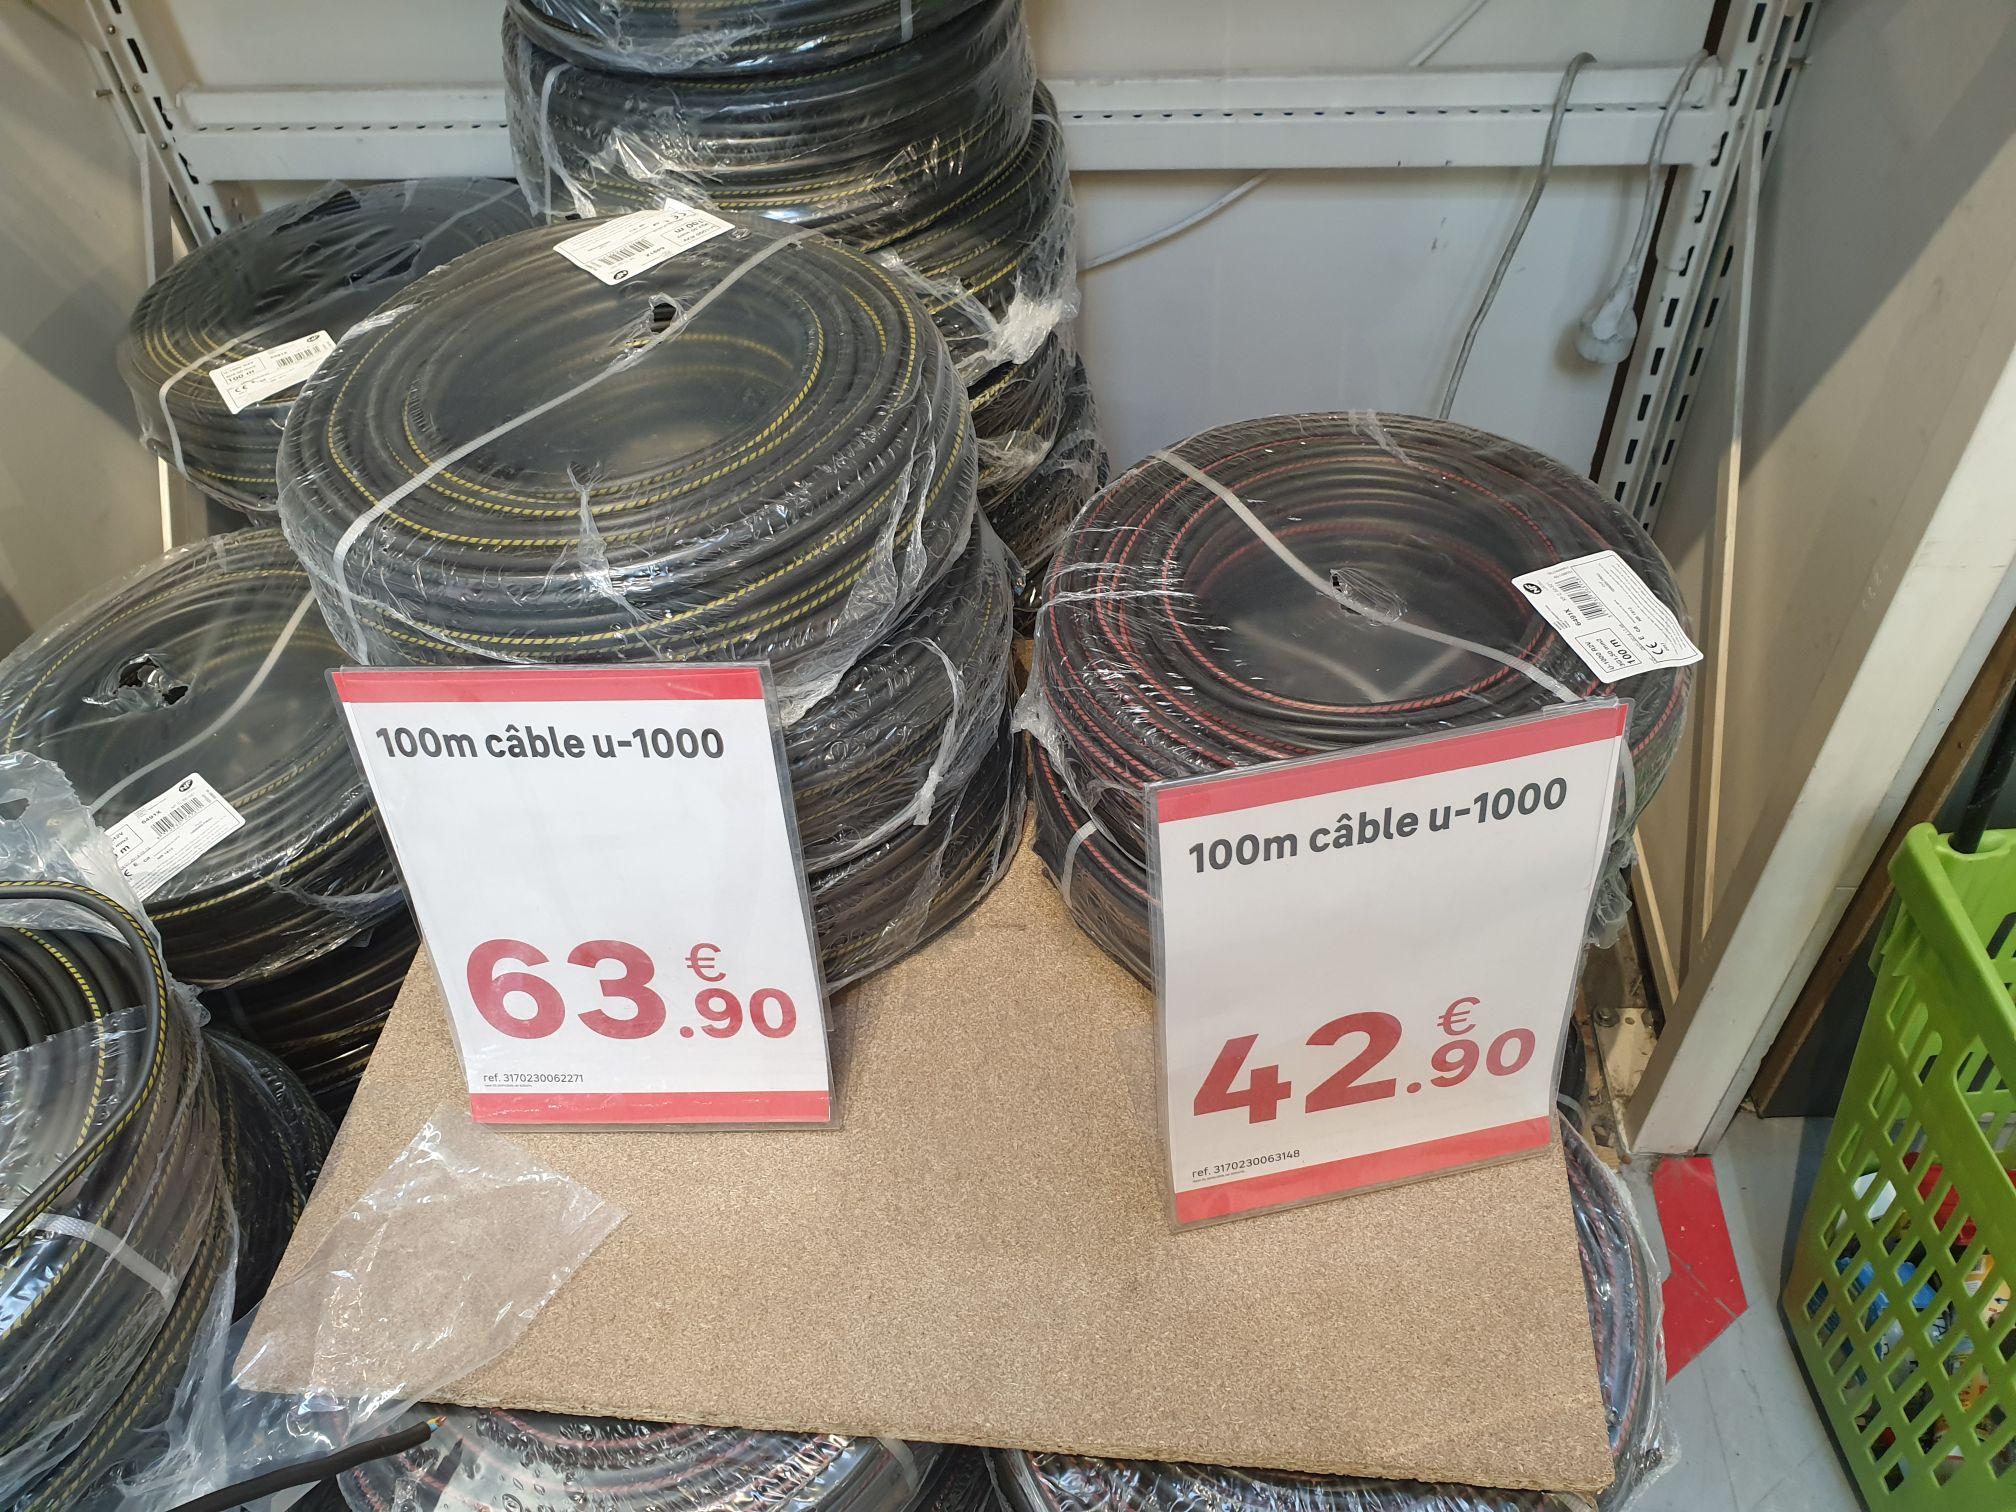 Câble U1000R2V 100m - 1.5mm2 à 42,9€ ou 2.5mm2 à 63,9€ - Nanterre (92)